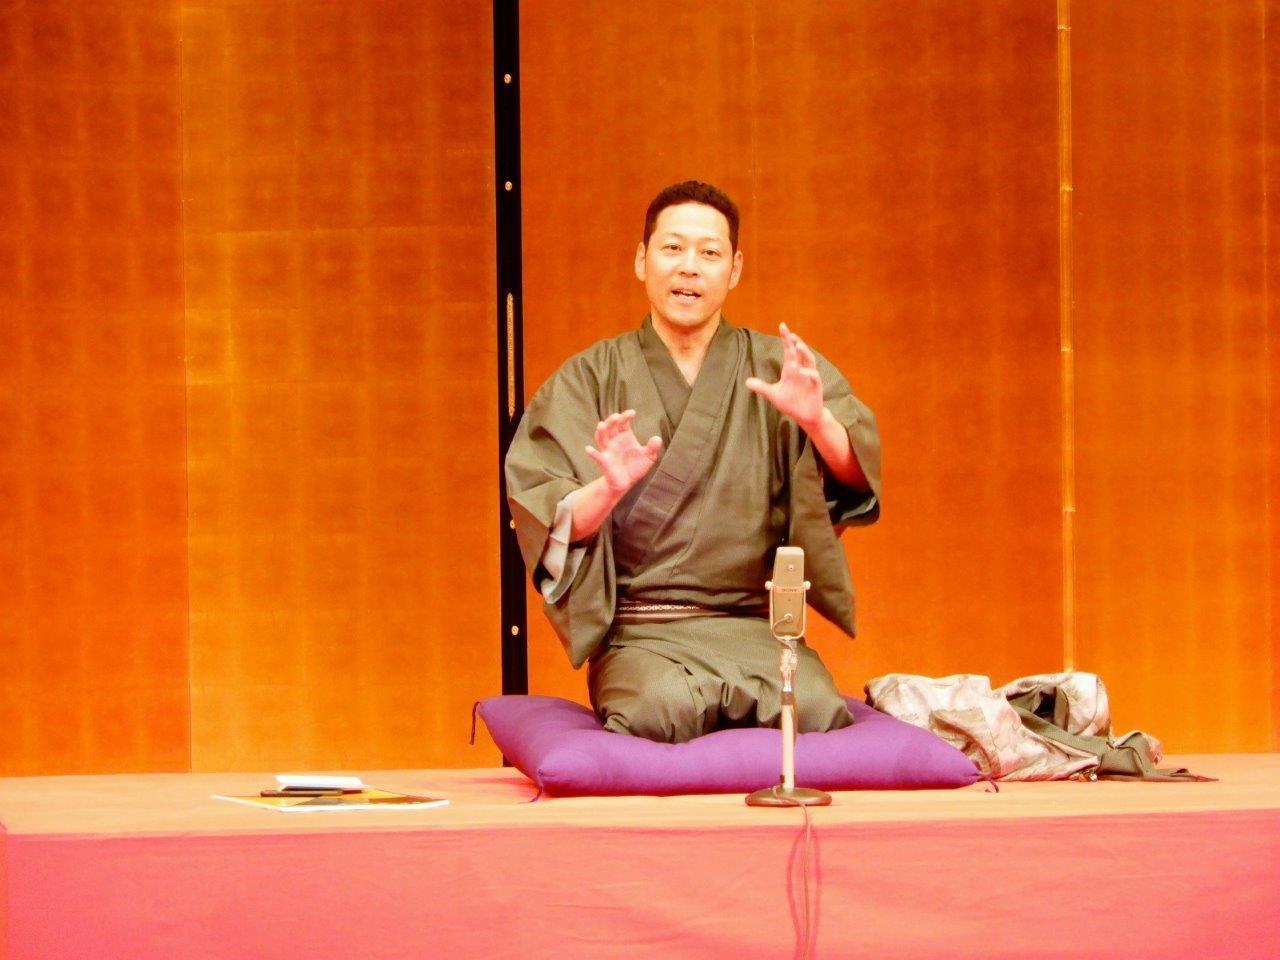 http://news.yoshimoto.co.jp/20180607210439-043aa75b72708ee01ea68de7bb798febe898f3fa.jpg